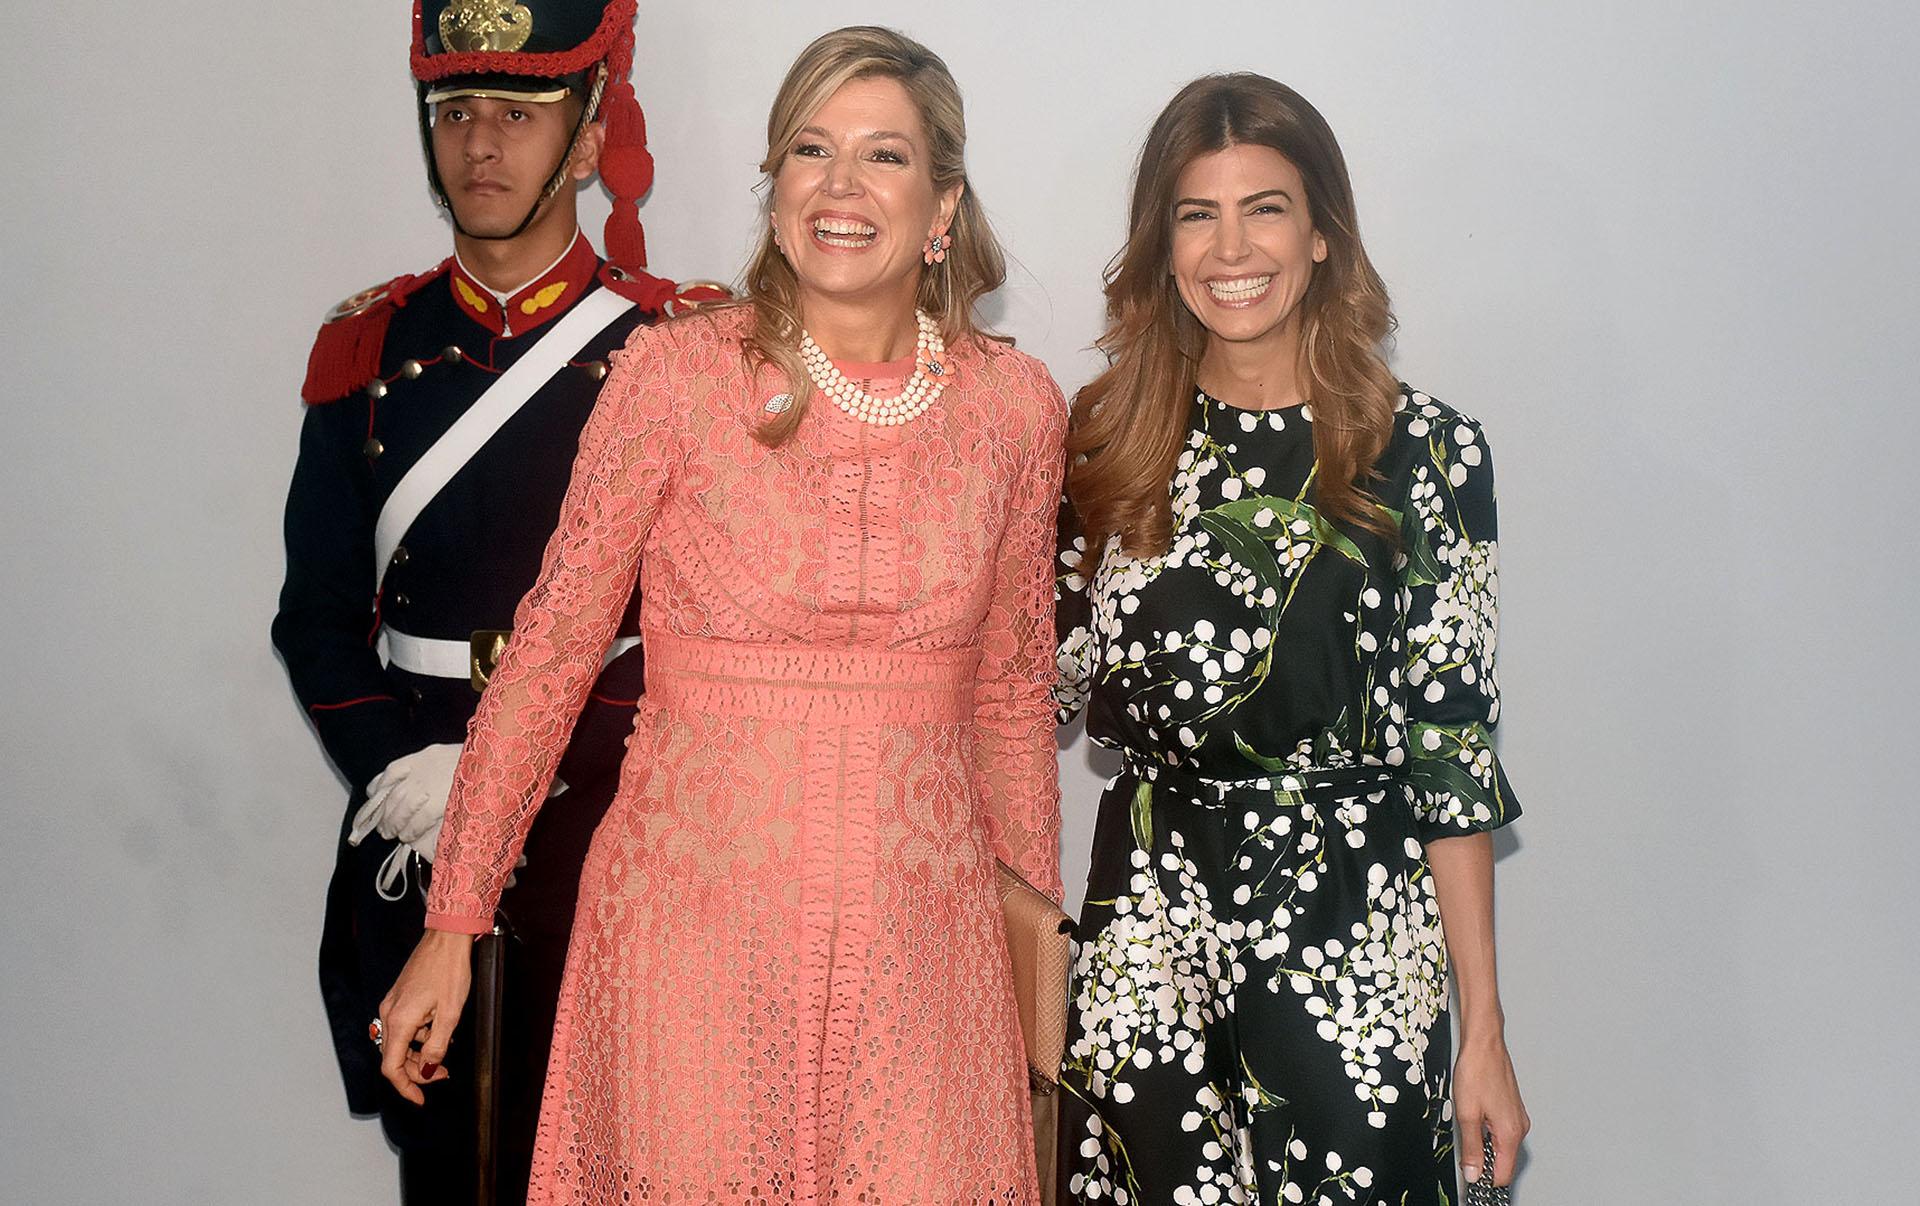 El beauty look de la reina de Holanda fue un peinado semi recogido y make up al natural. Junto a Awada se mostraron sonrientes ante los fotógrafos